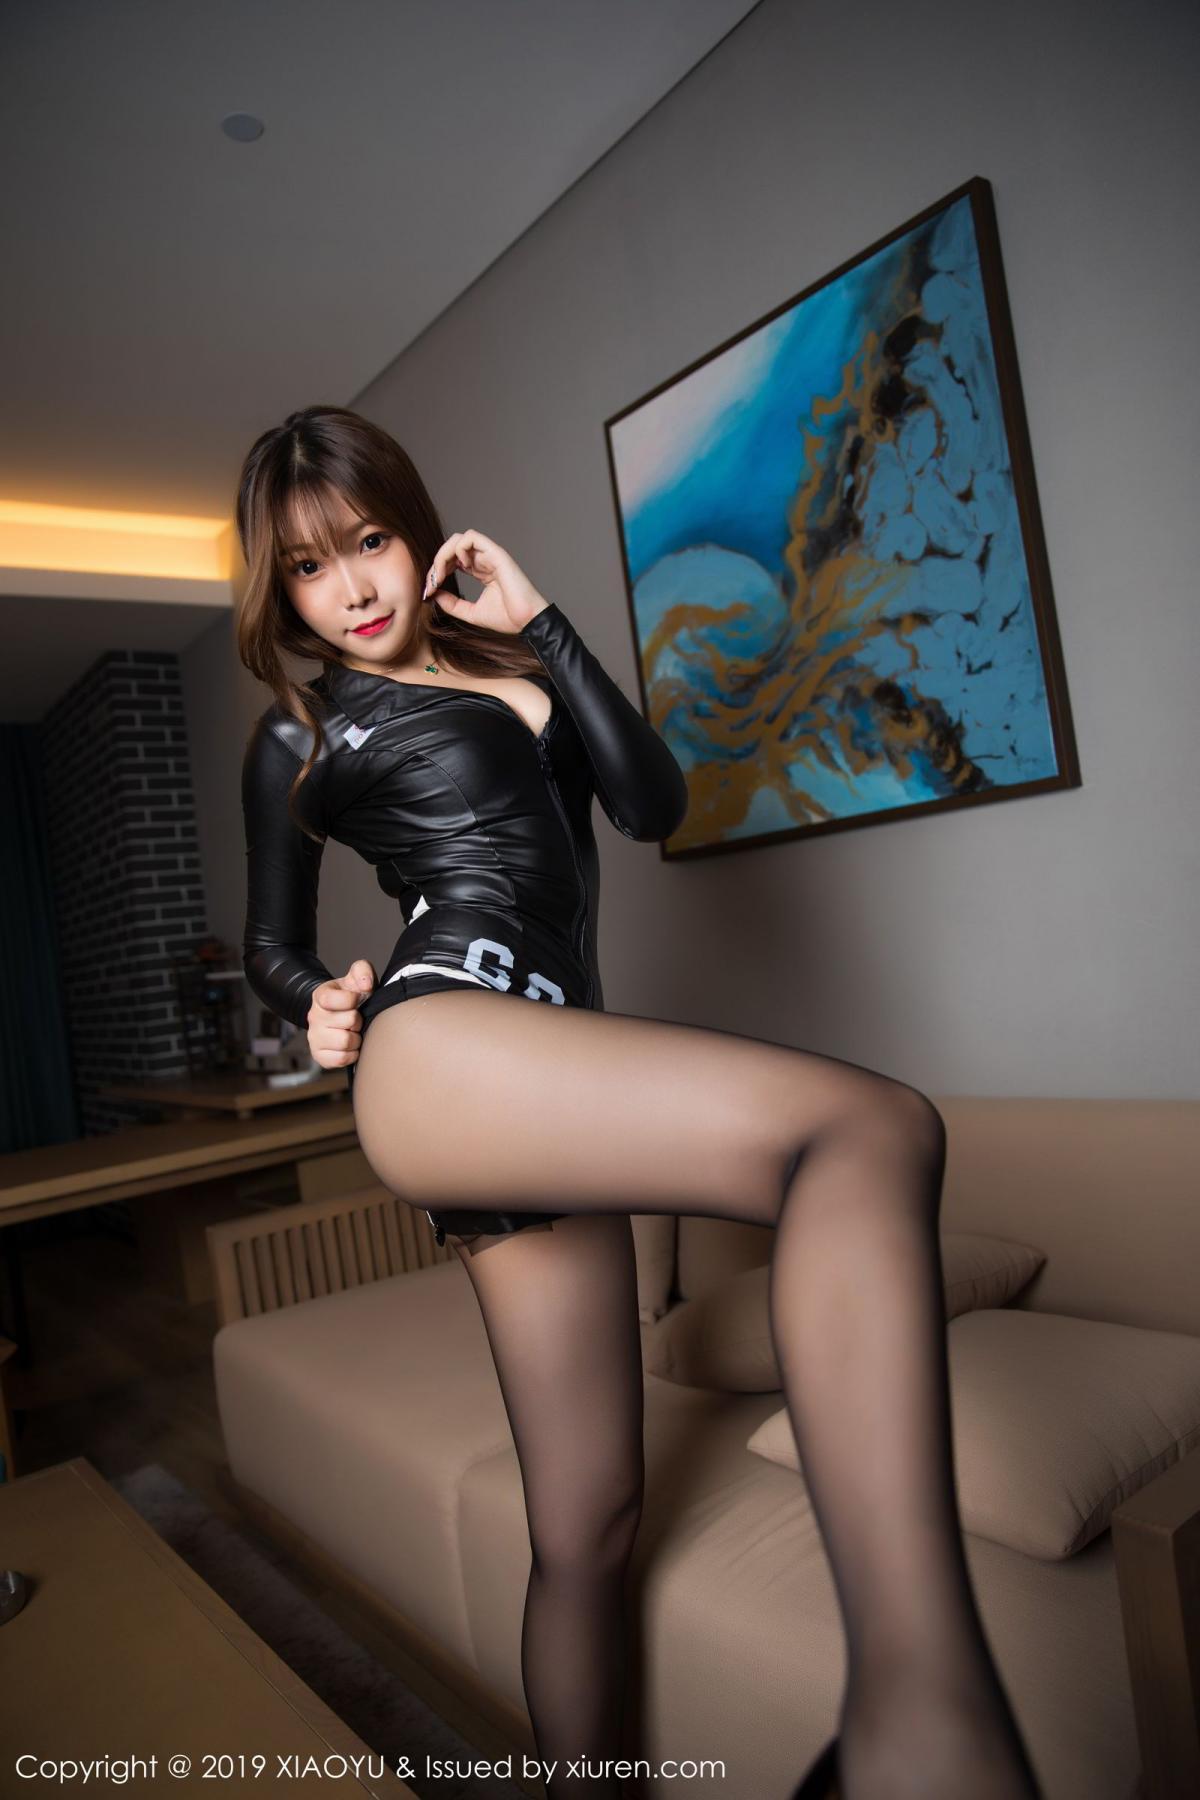 [XiaoYu] Vol.151 Chen Zhi 13P, Adult, Chen Zhi, XiaoYu